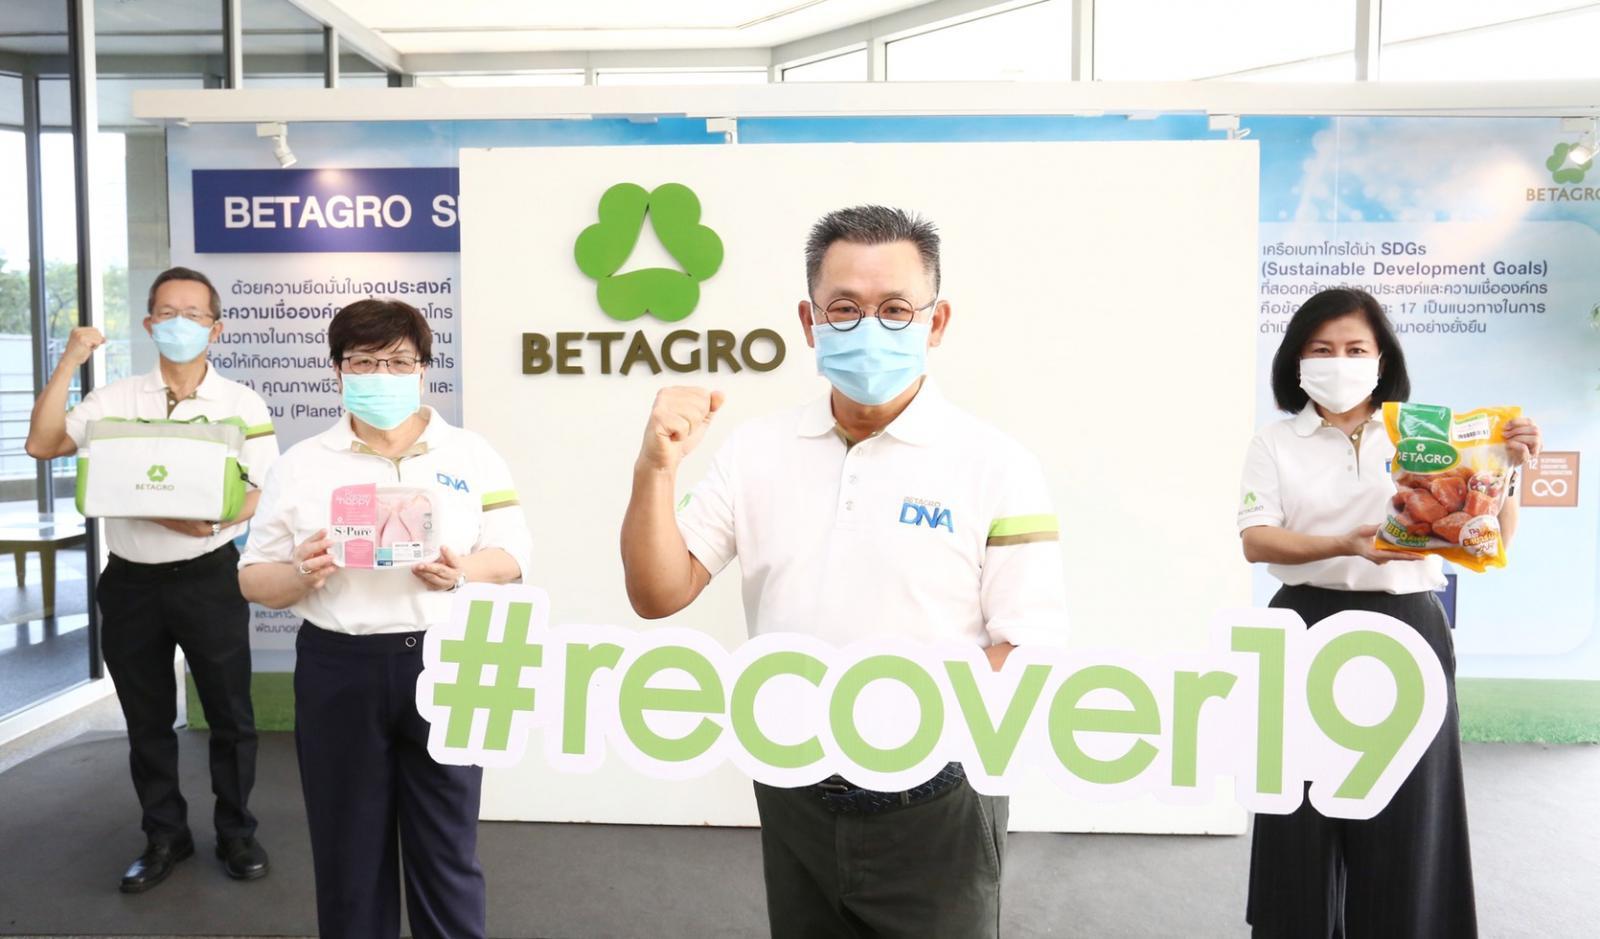 เบทาโกรยืนหยัดเคียงข้างคนไทย ร่วมฝ่าวิกฤต COVID-19